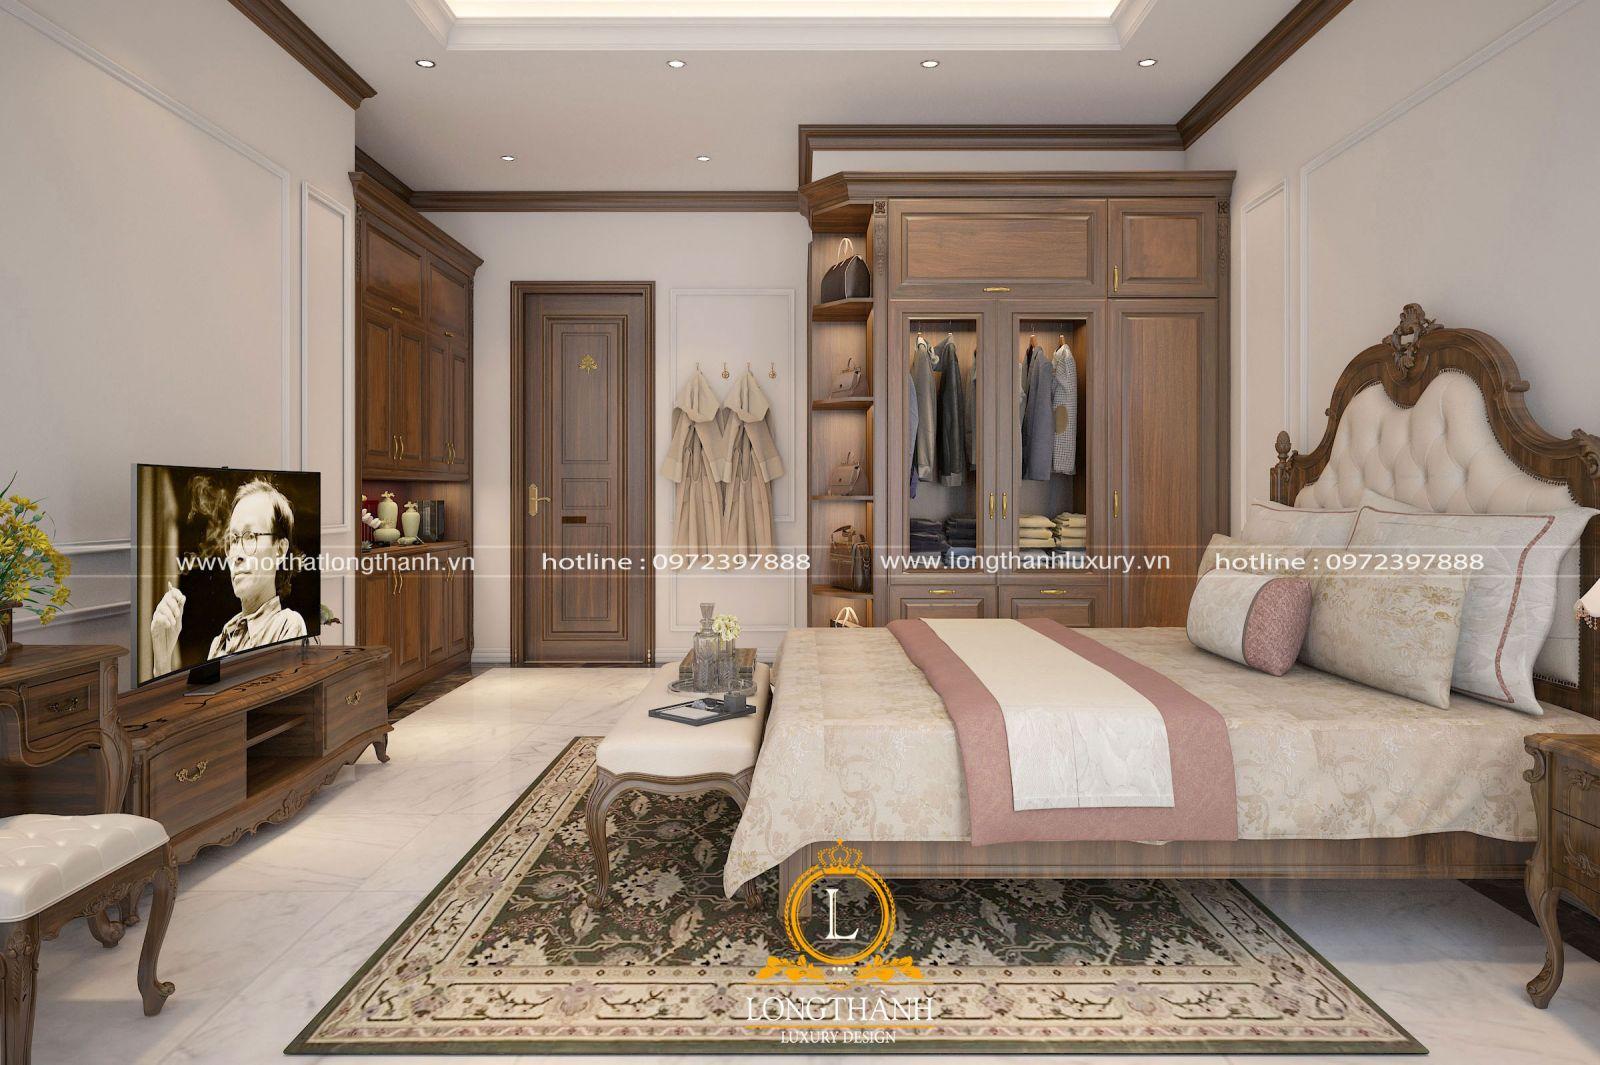 Mẫu phòng ngủ tân cổ điển dành cho ông bà